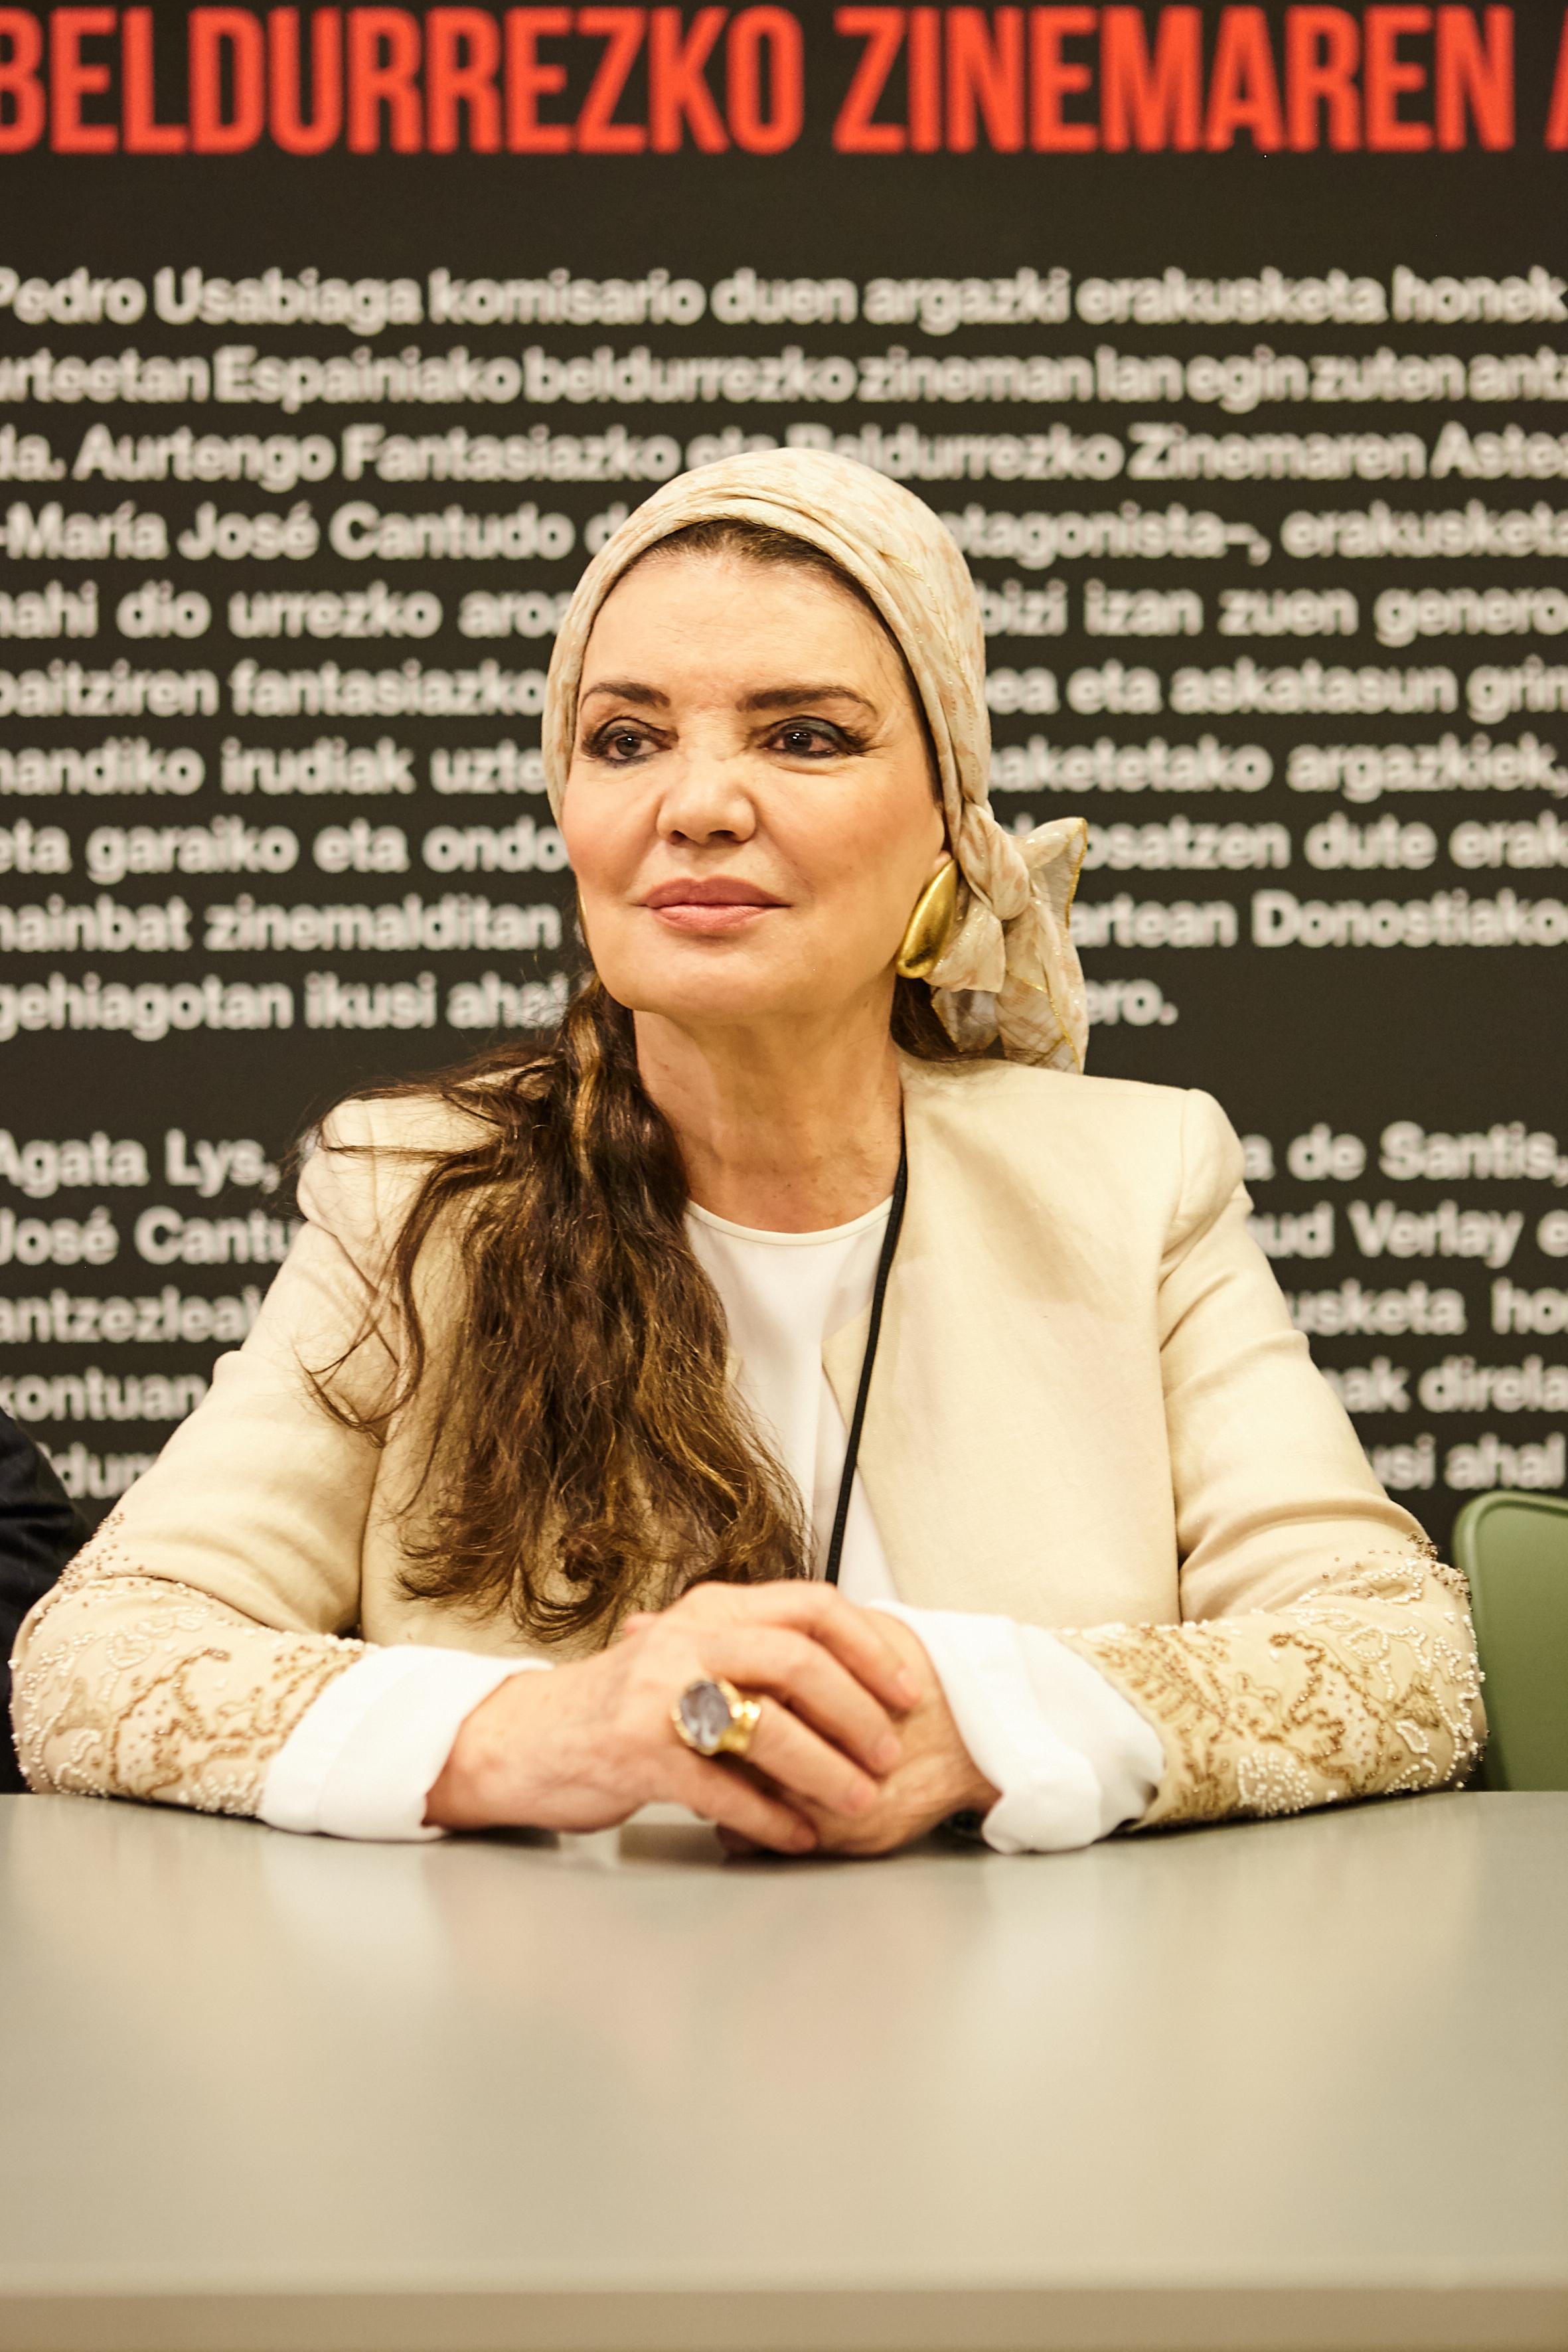 María José Cantudo Wikipedia La Enciclopedia Libre